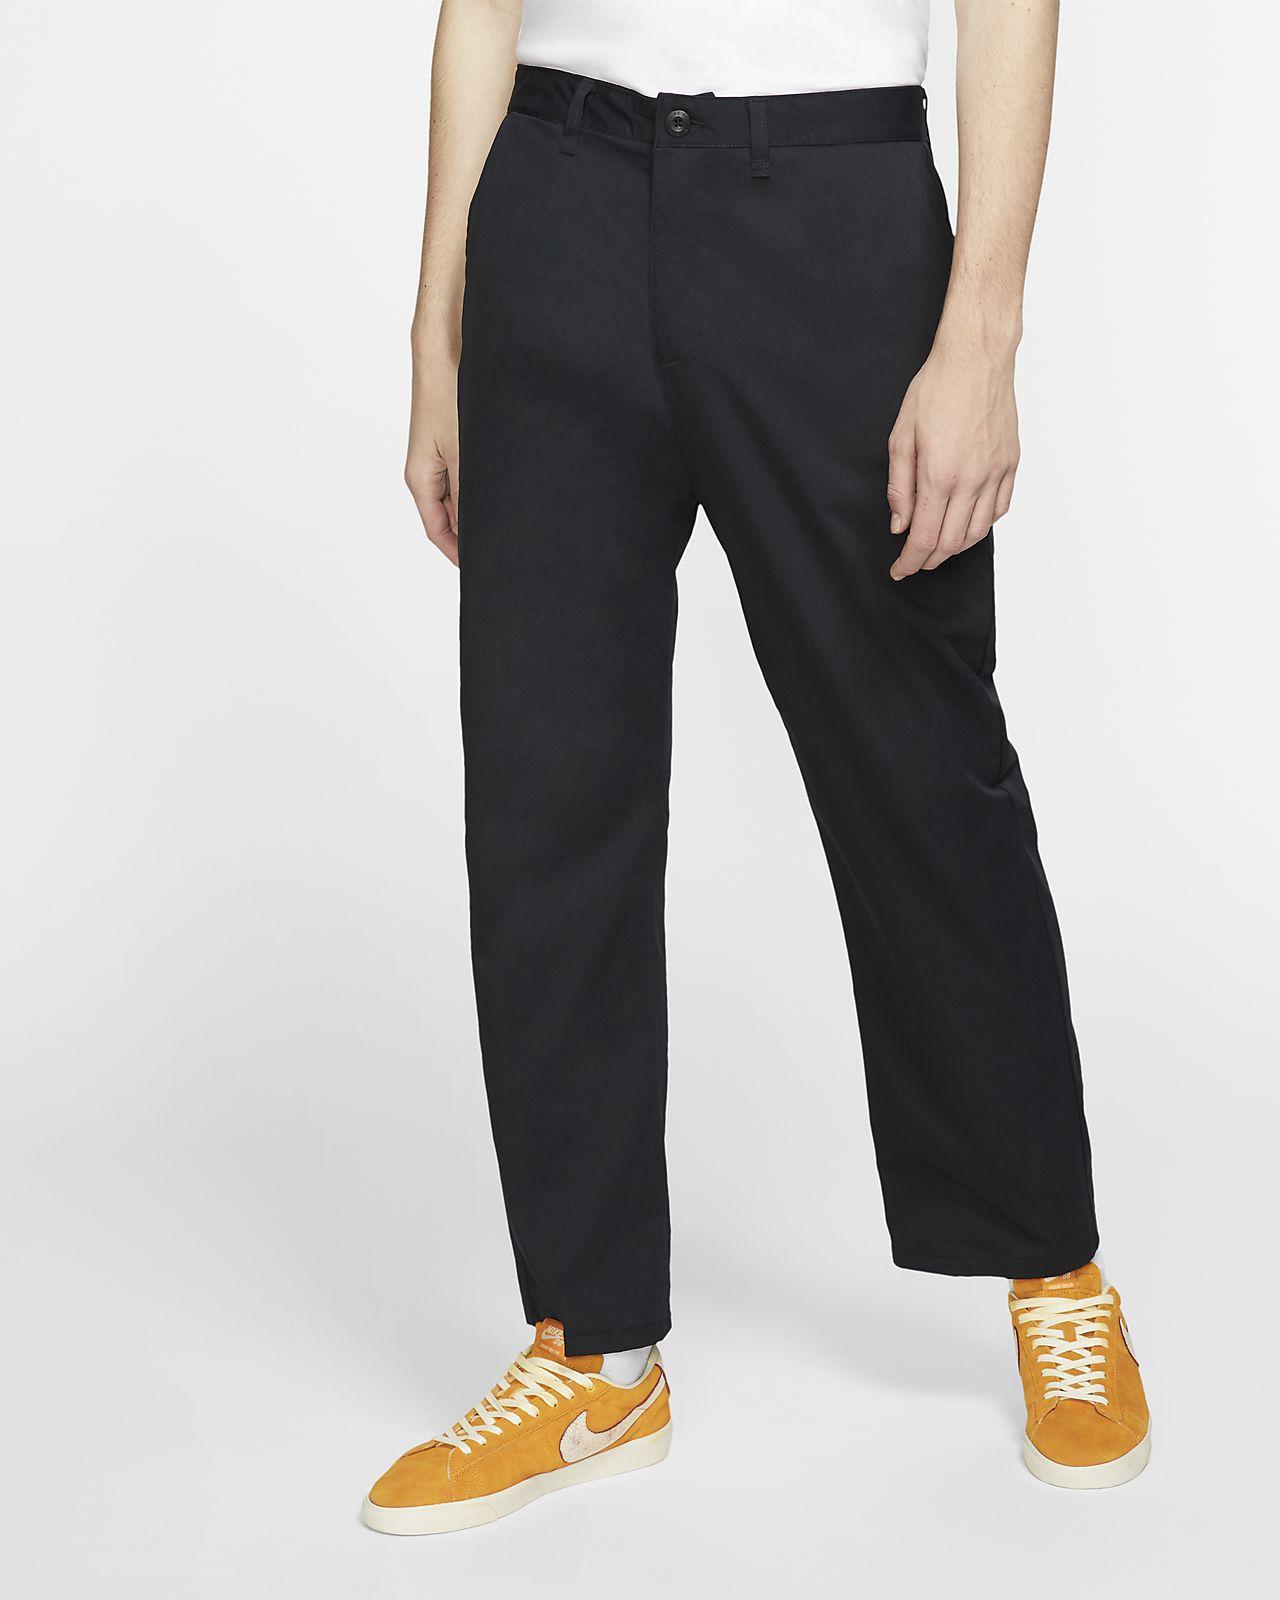 Pantaloni Loose Fit Nike SB Dri-FIT FTM - Uomo